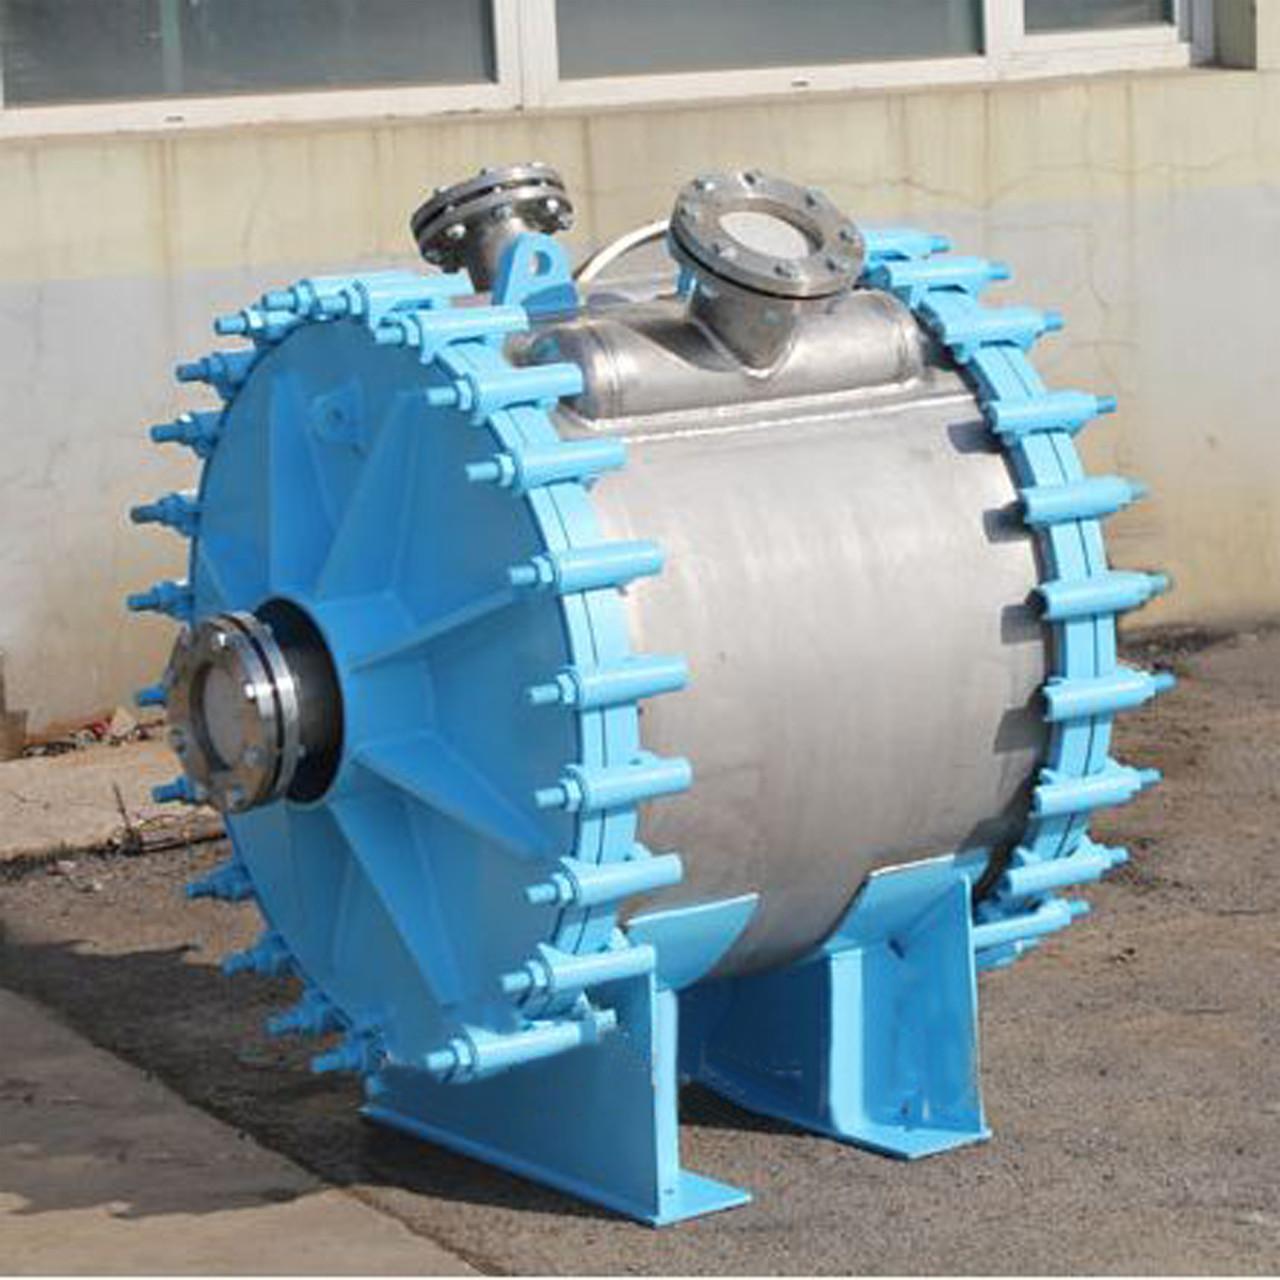 Теплообменник спиральный пищевой Уплотнения теплообменника Машимпэкс (GEA) NX150X Волгодонск